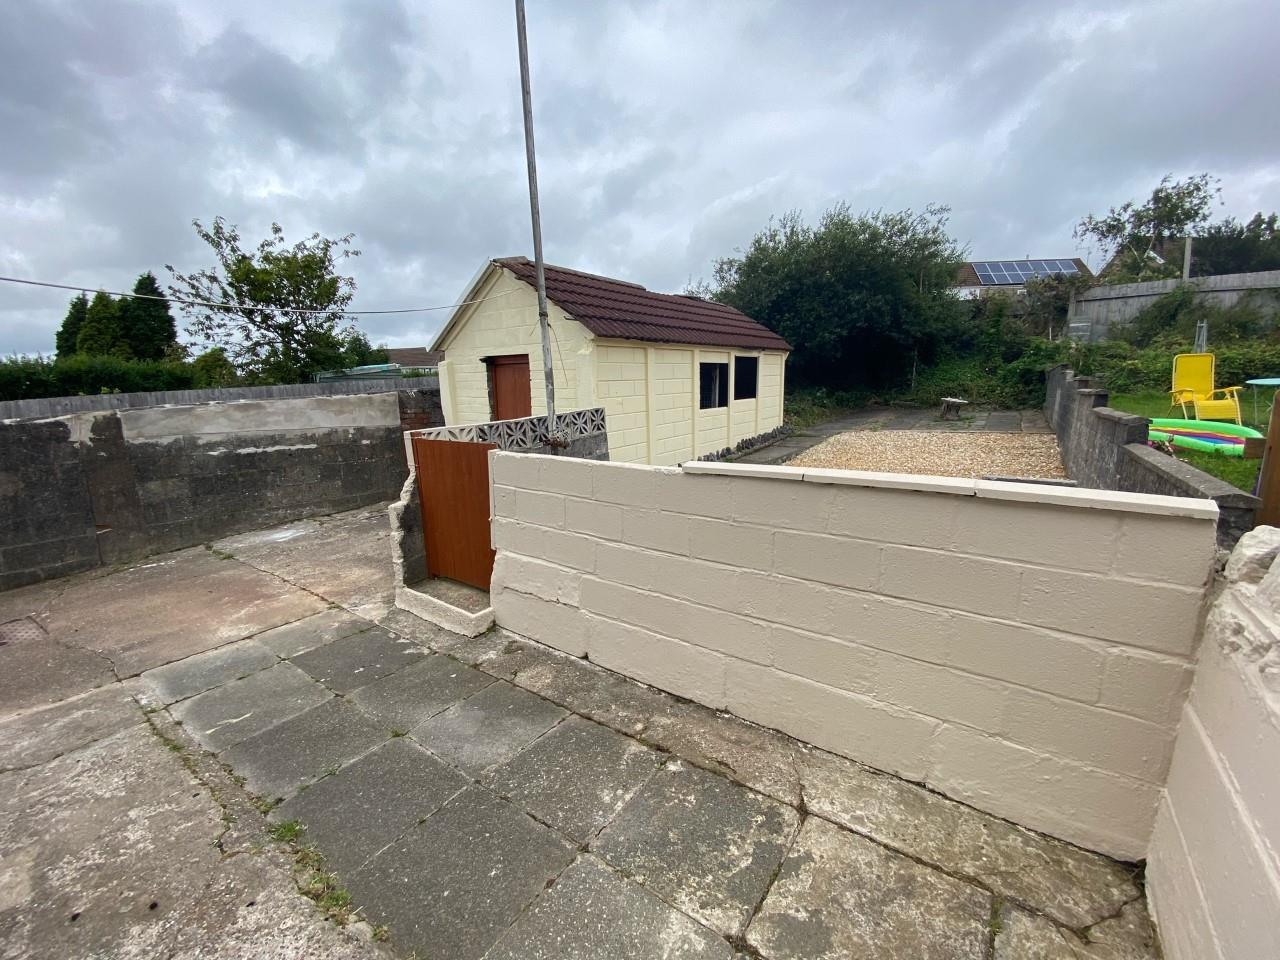 Pentregethin Road, Ravenhill, Swansea, SA5 5EU